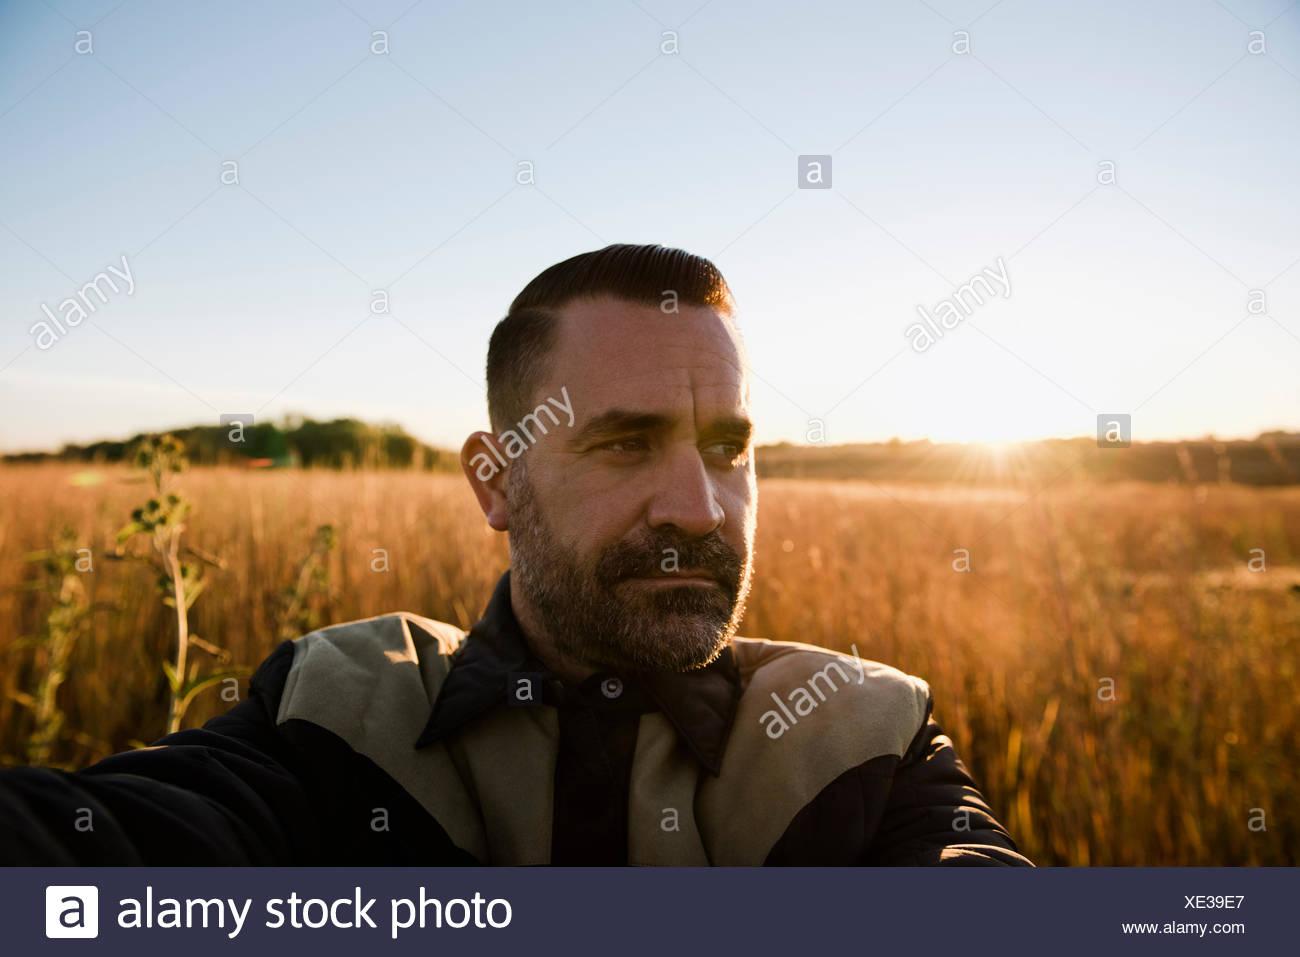 Ritratto di auto di imprenditore nel campo di grano al tramonto, Plattsburg, Missouri, Stati Uniti d'America Immagini Stock